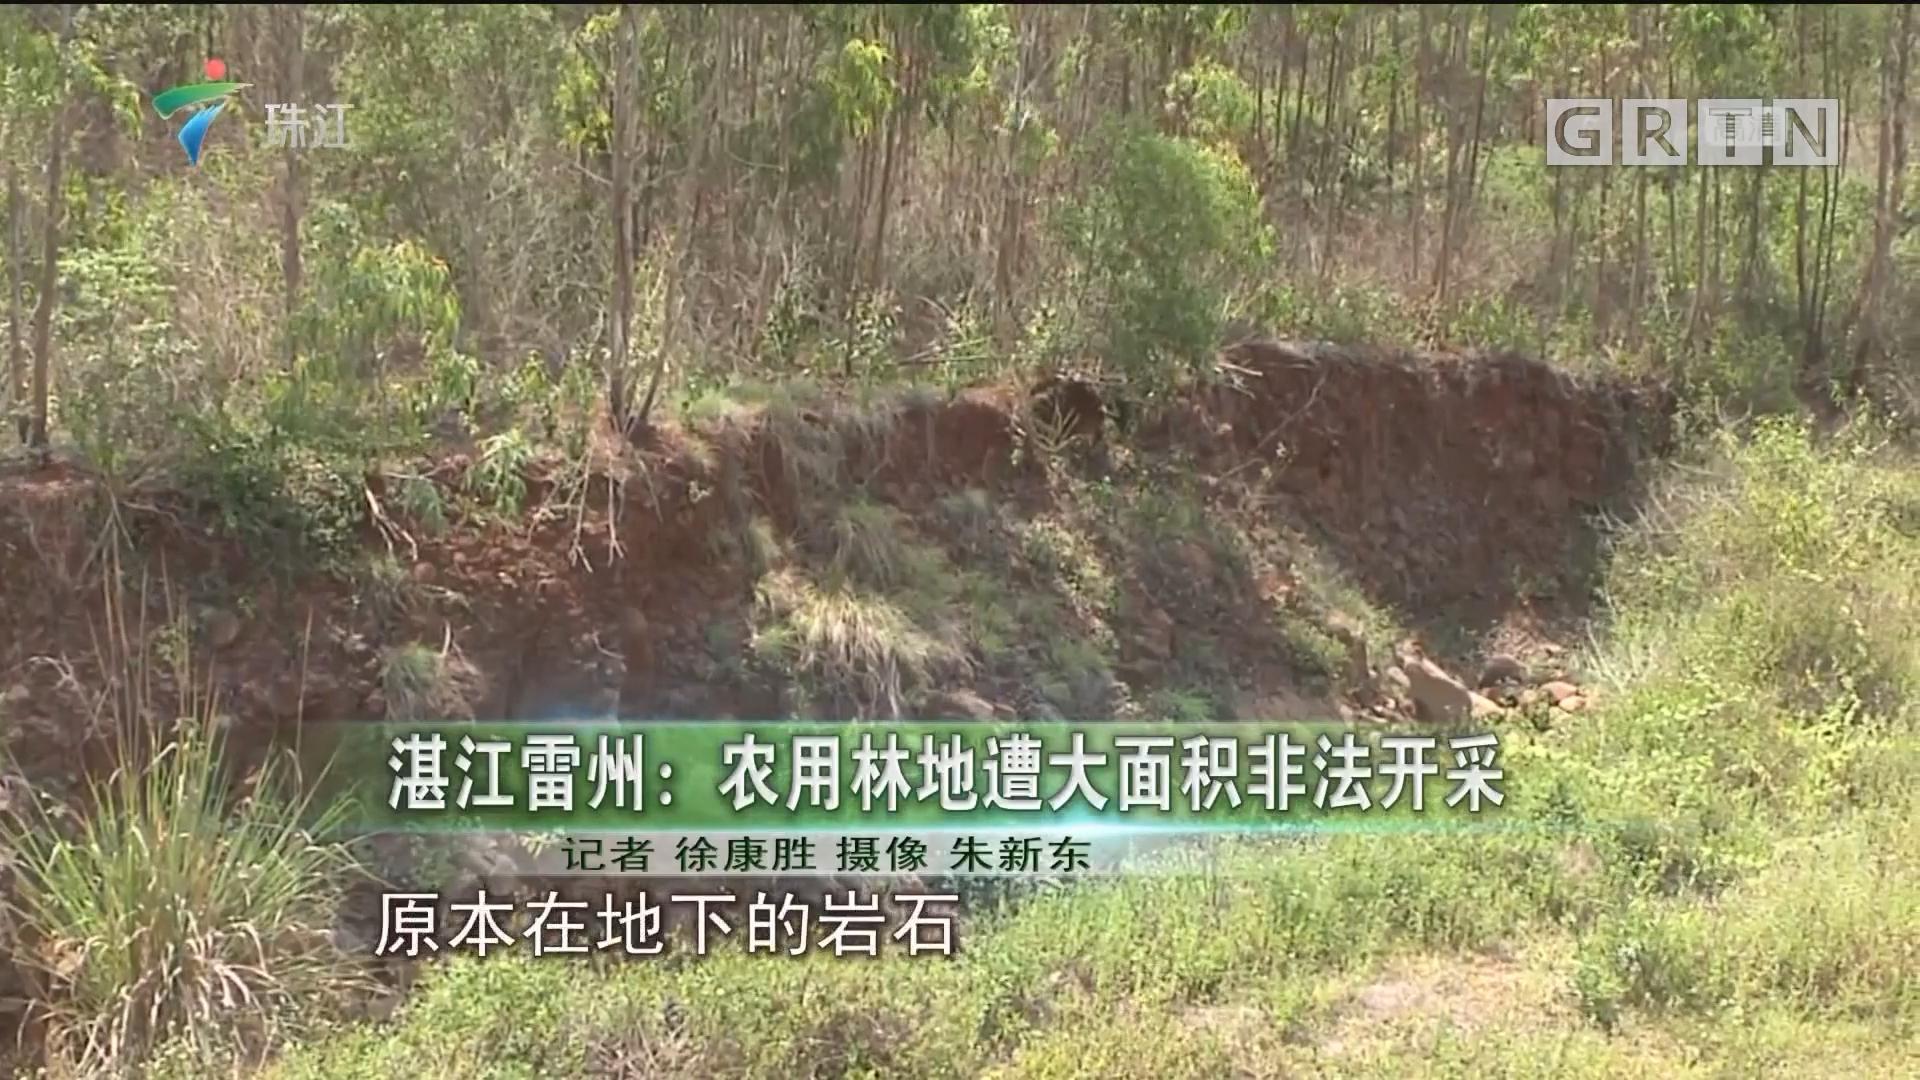 湛江雷州:农用林地遭大面积非法开采